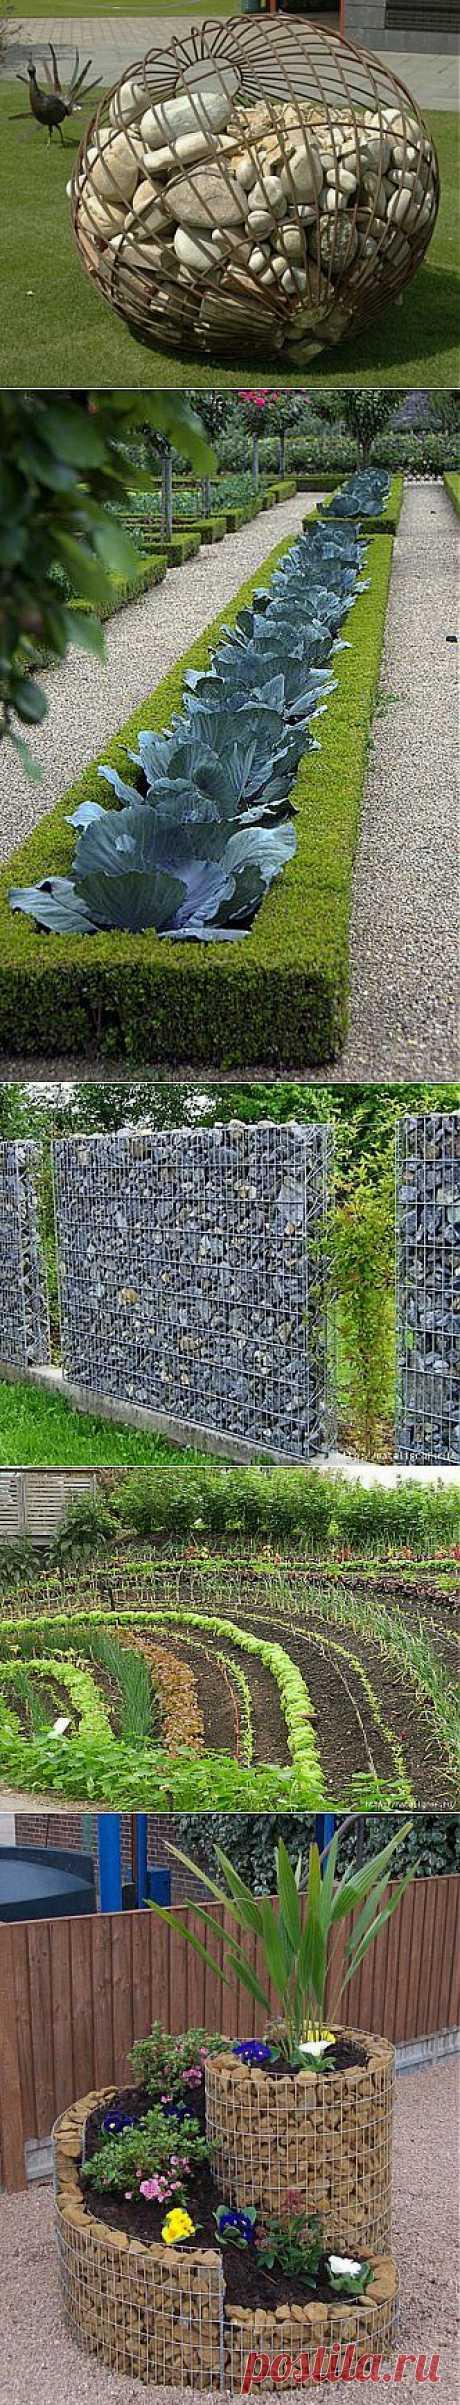 Дачное: камни, газоны, грядки.